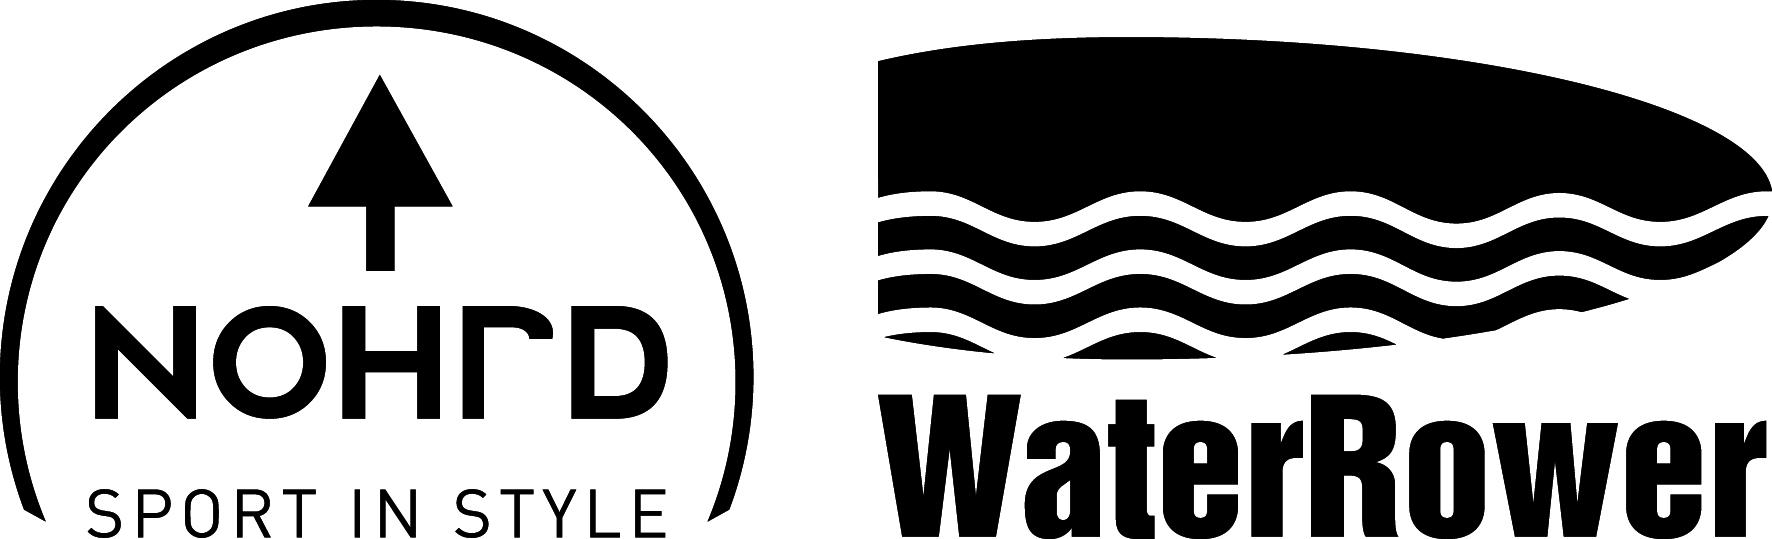 nohrd-waterrower